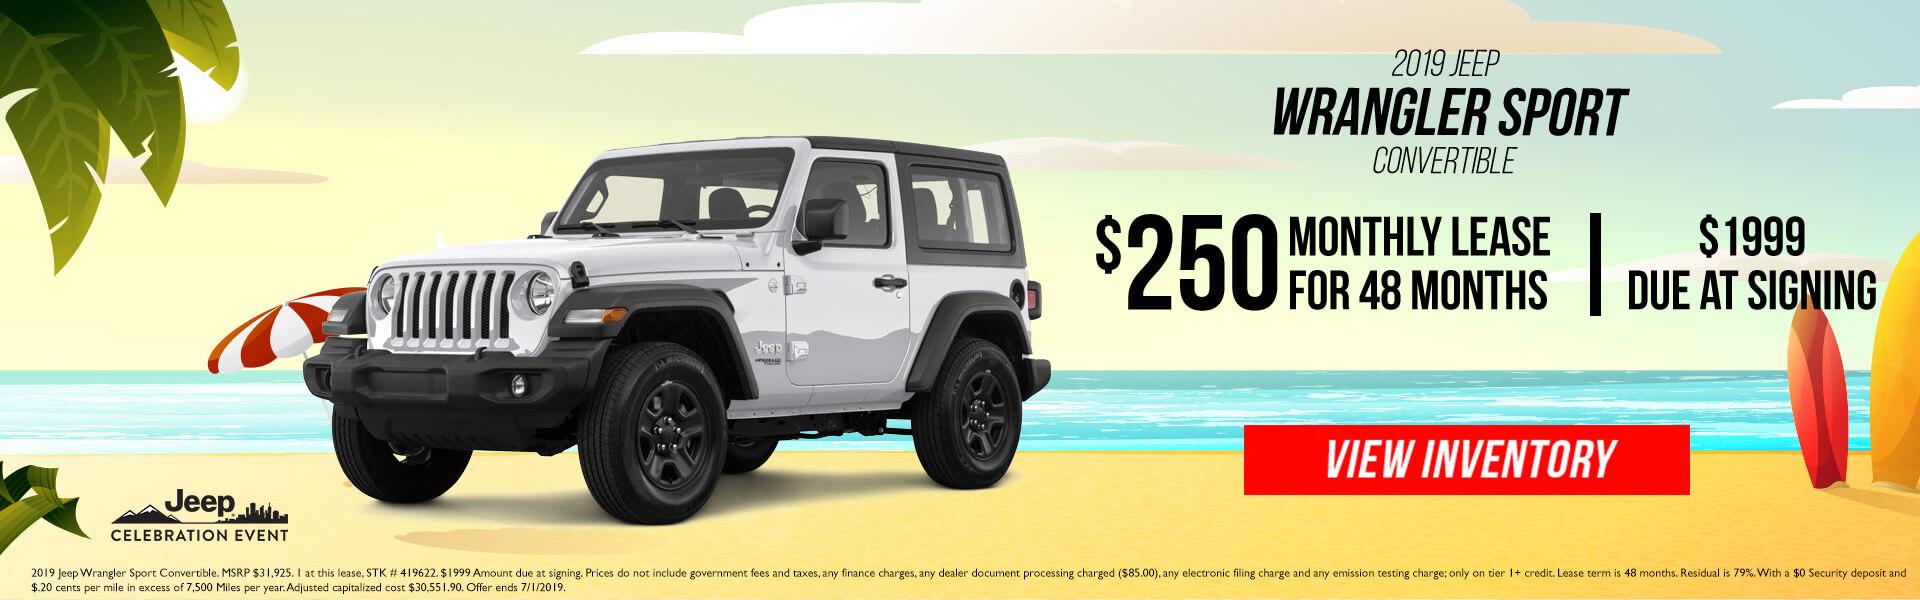 Jeep Wrangler 419622